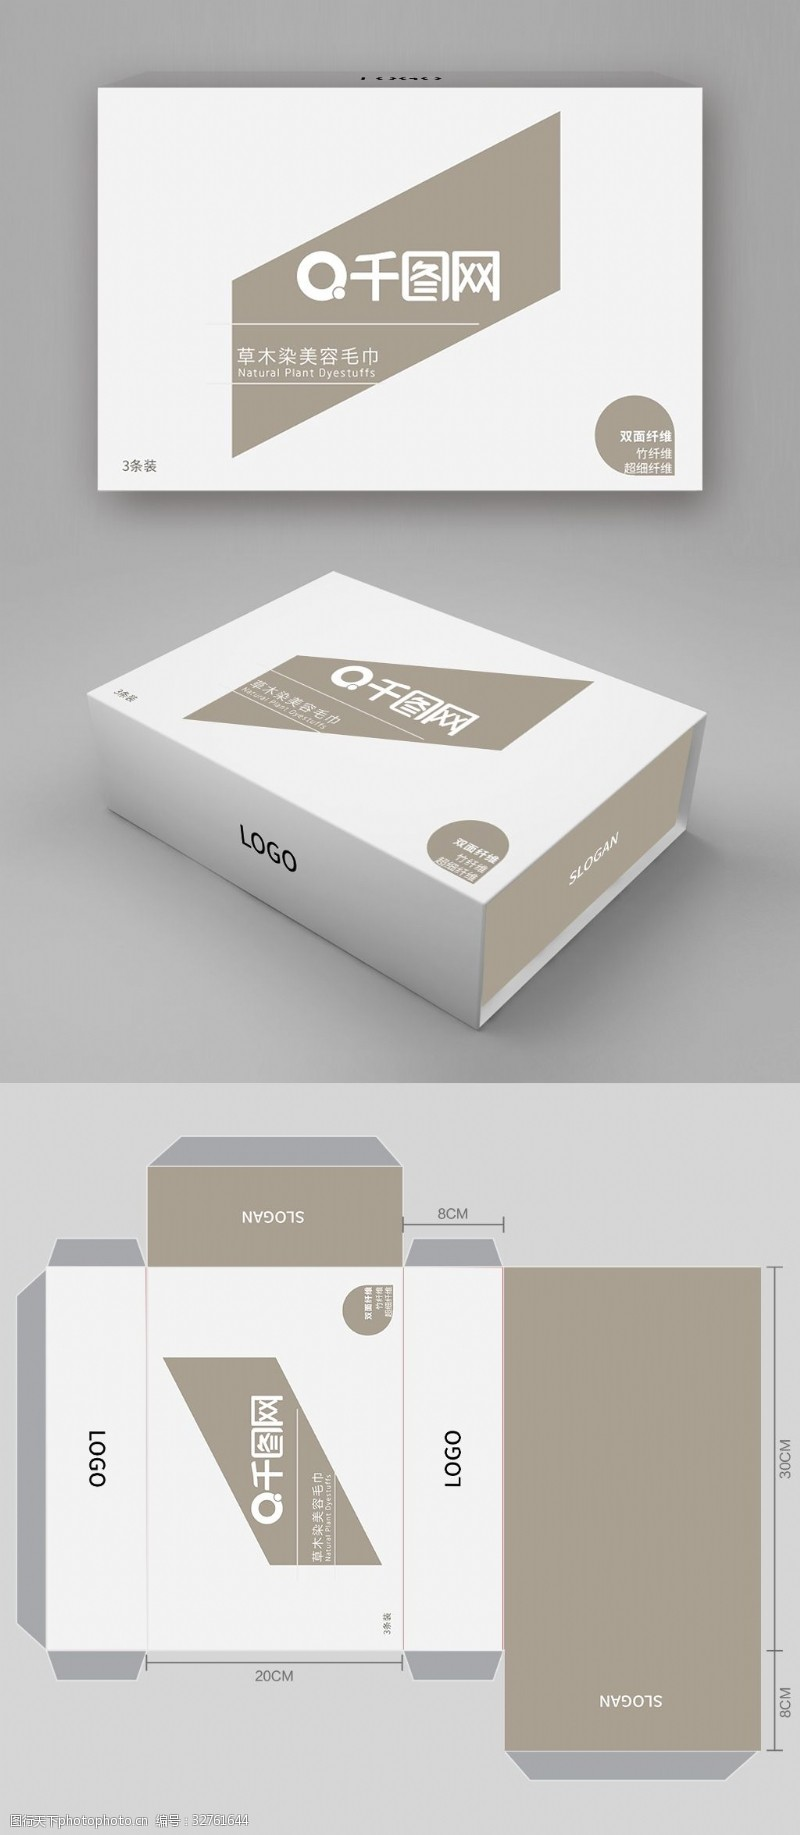 毛巾盒極簡大氣設計感毛巾包裝禮盒天然純棉